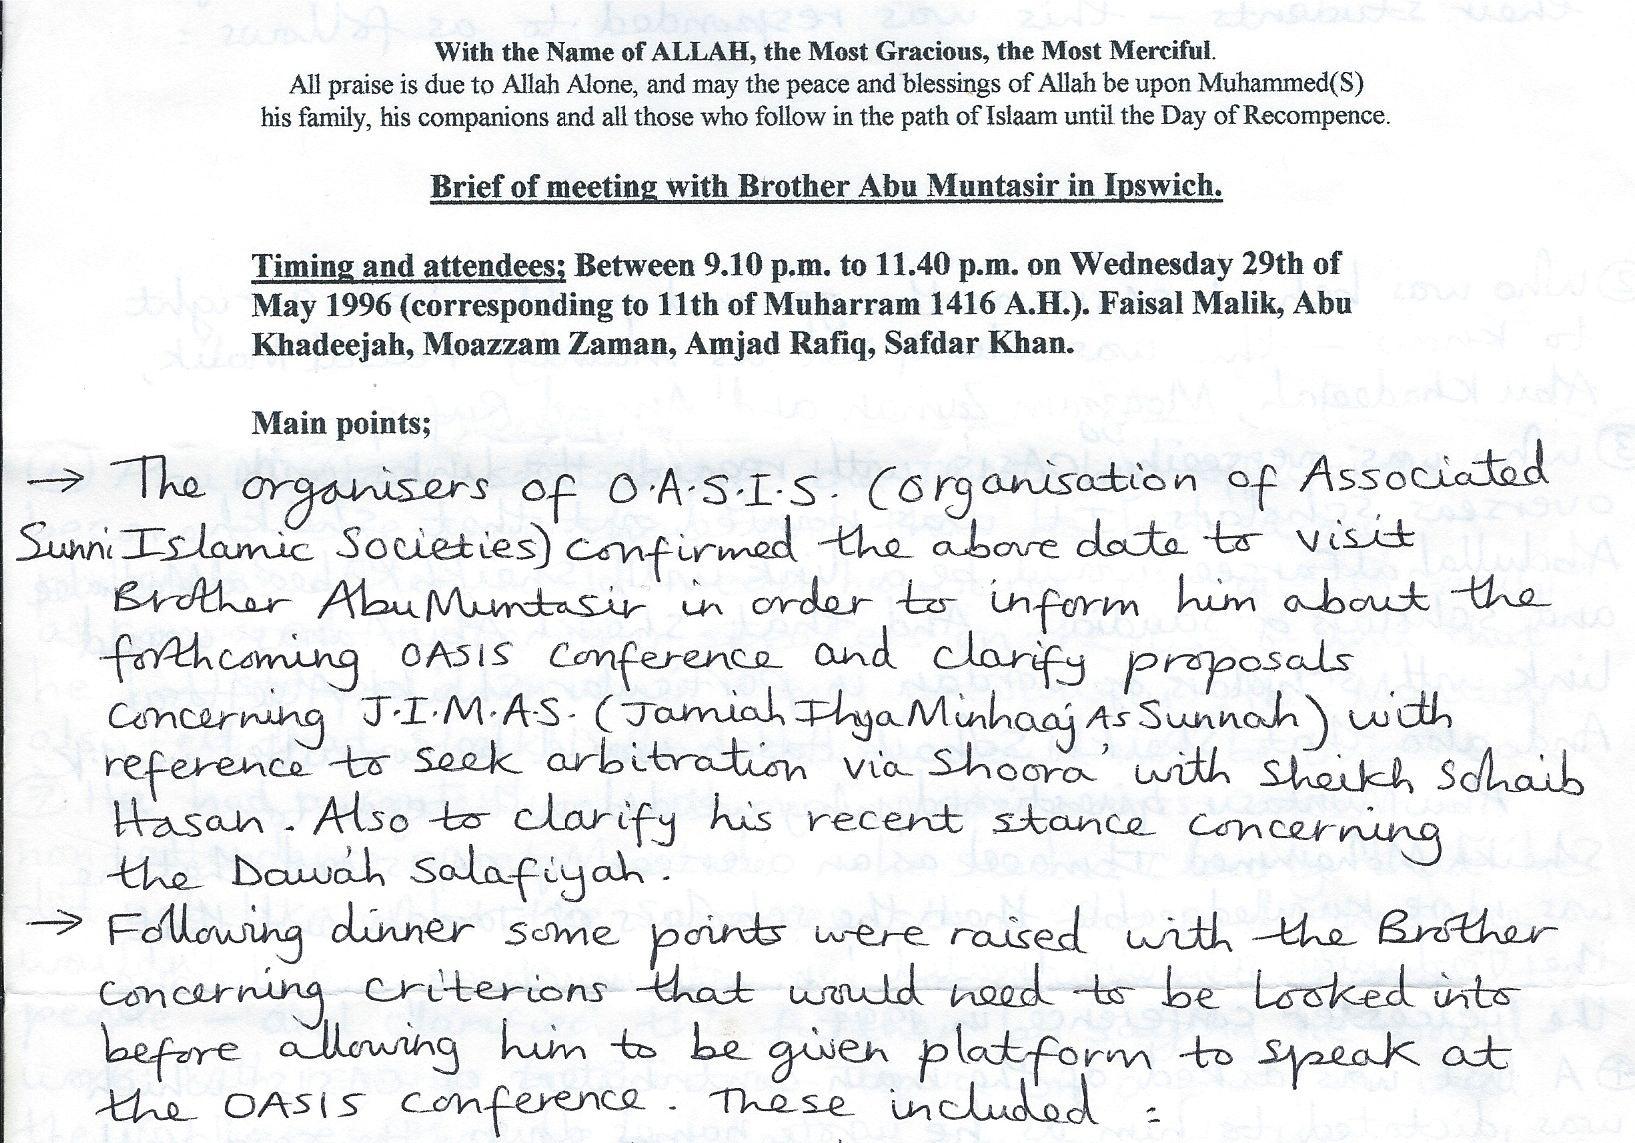 Meeting with Abu Muntasir Minutes